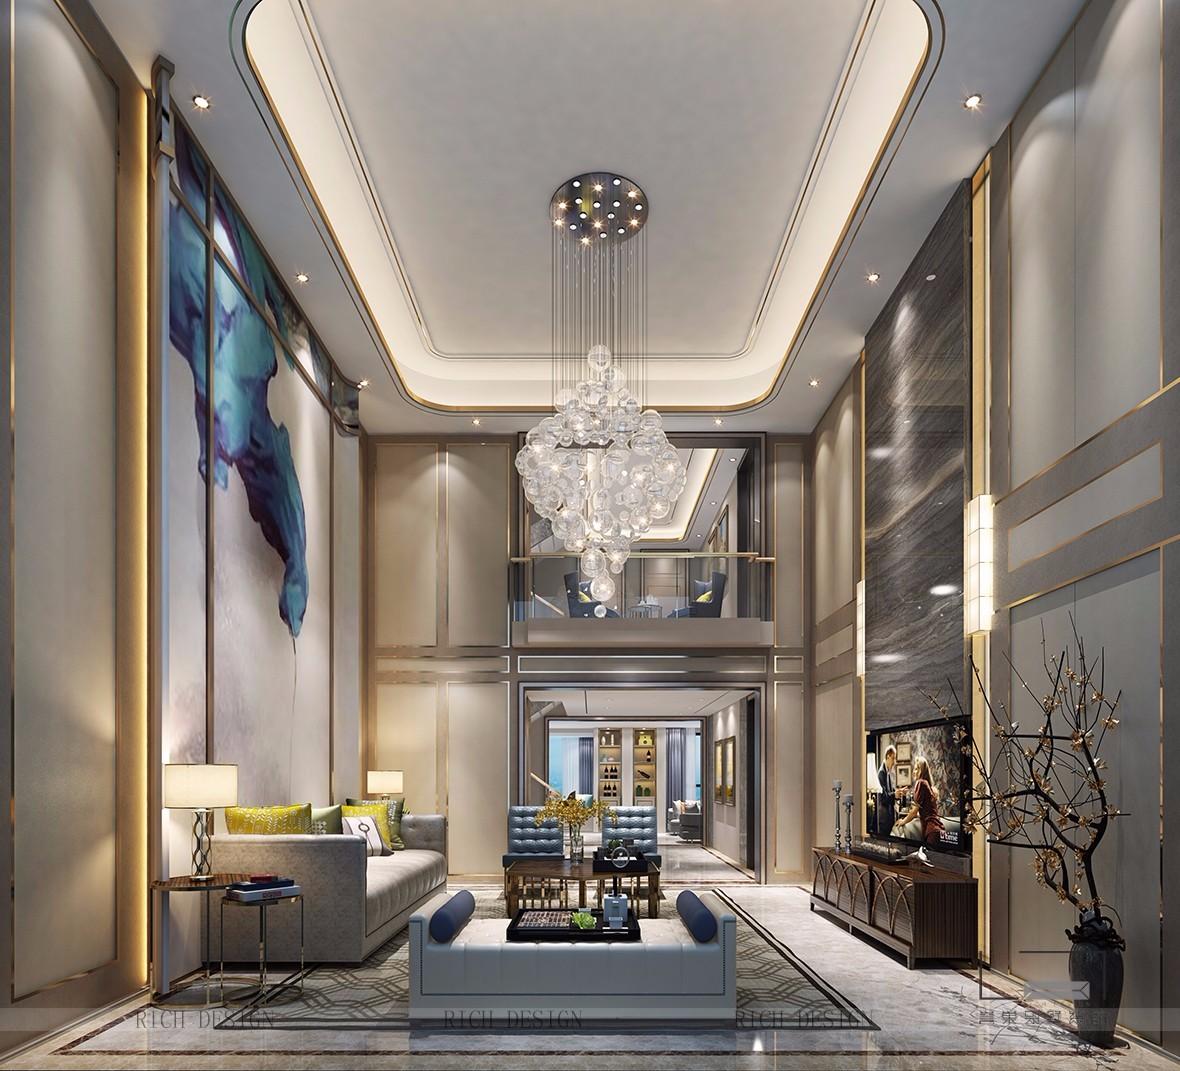 > 别墅装饰现代风格,将中式风情融入空间设计中   别墅装潢室内软装设